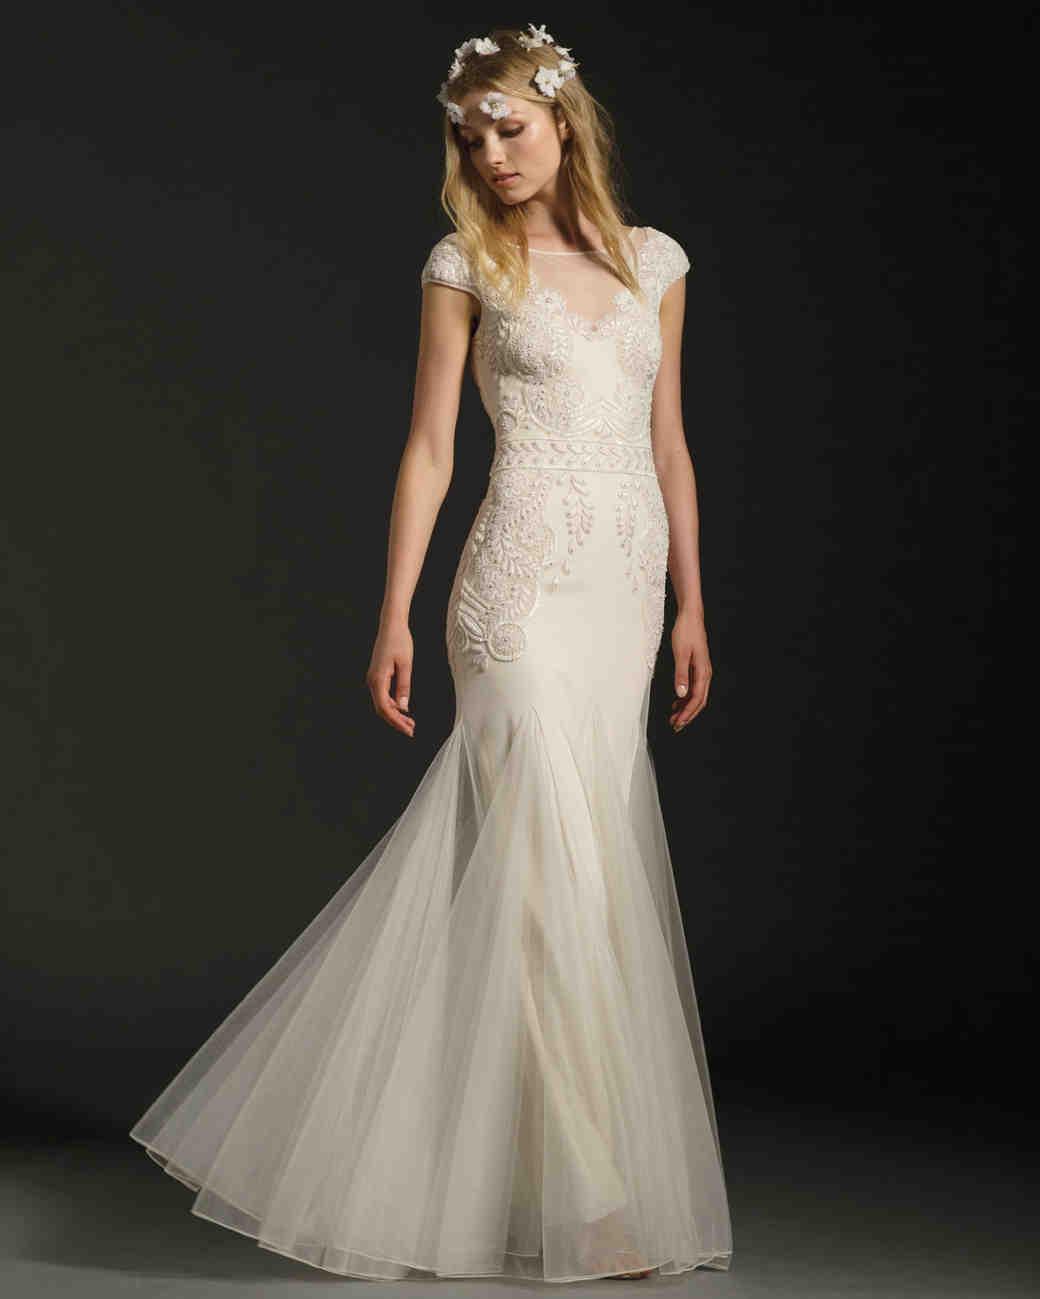 024238e9564 Temperley Fall 2017 Wedding Dress Collection